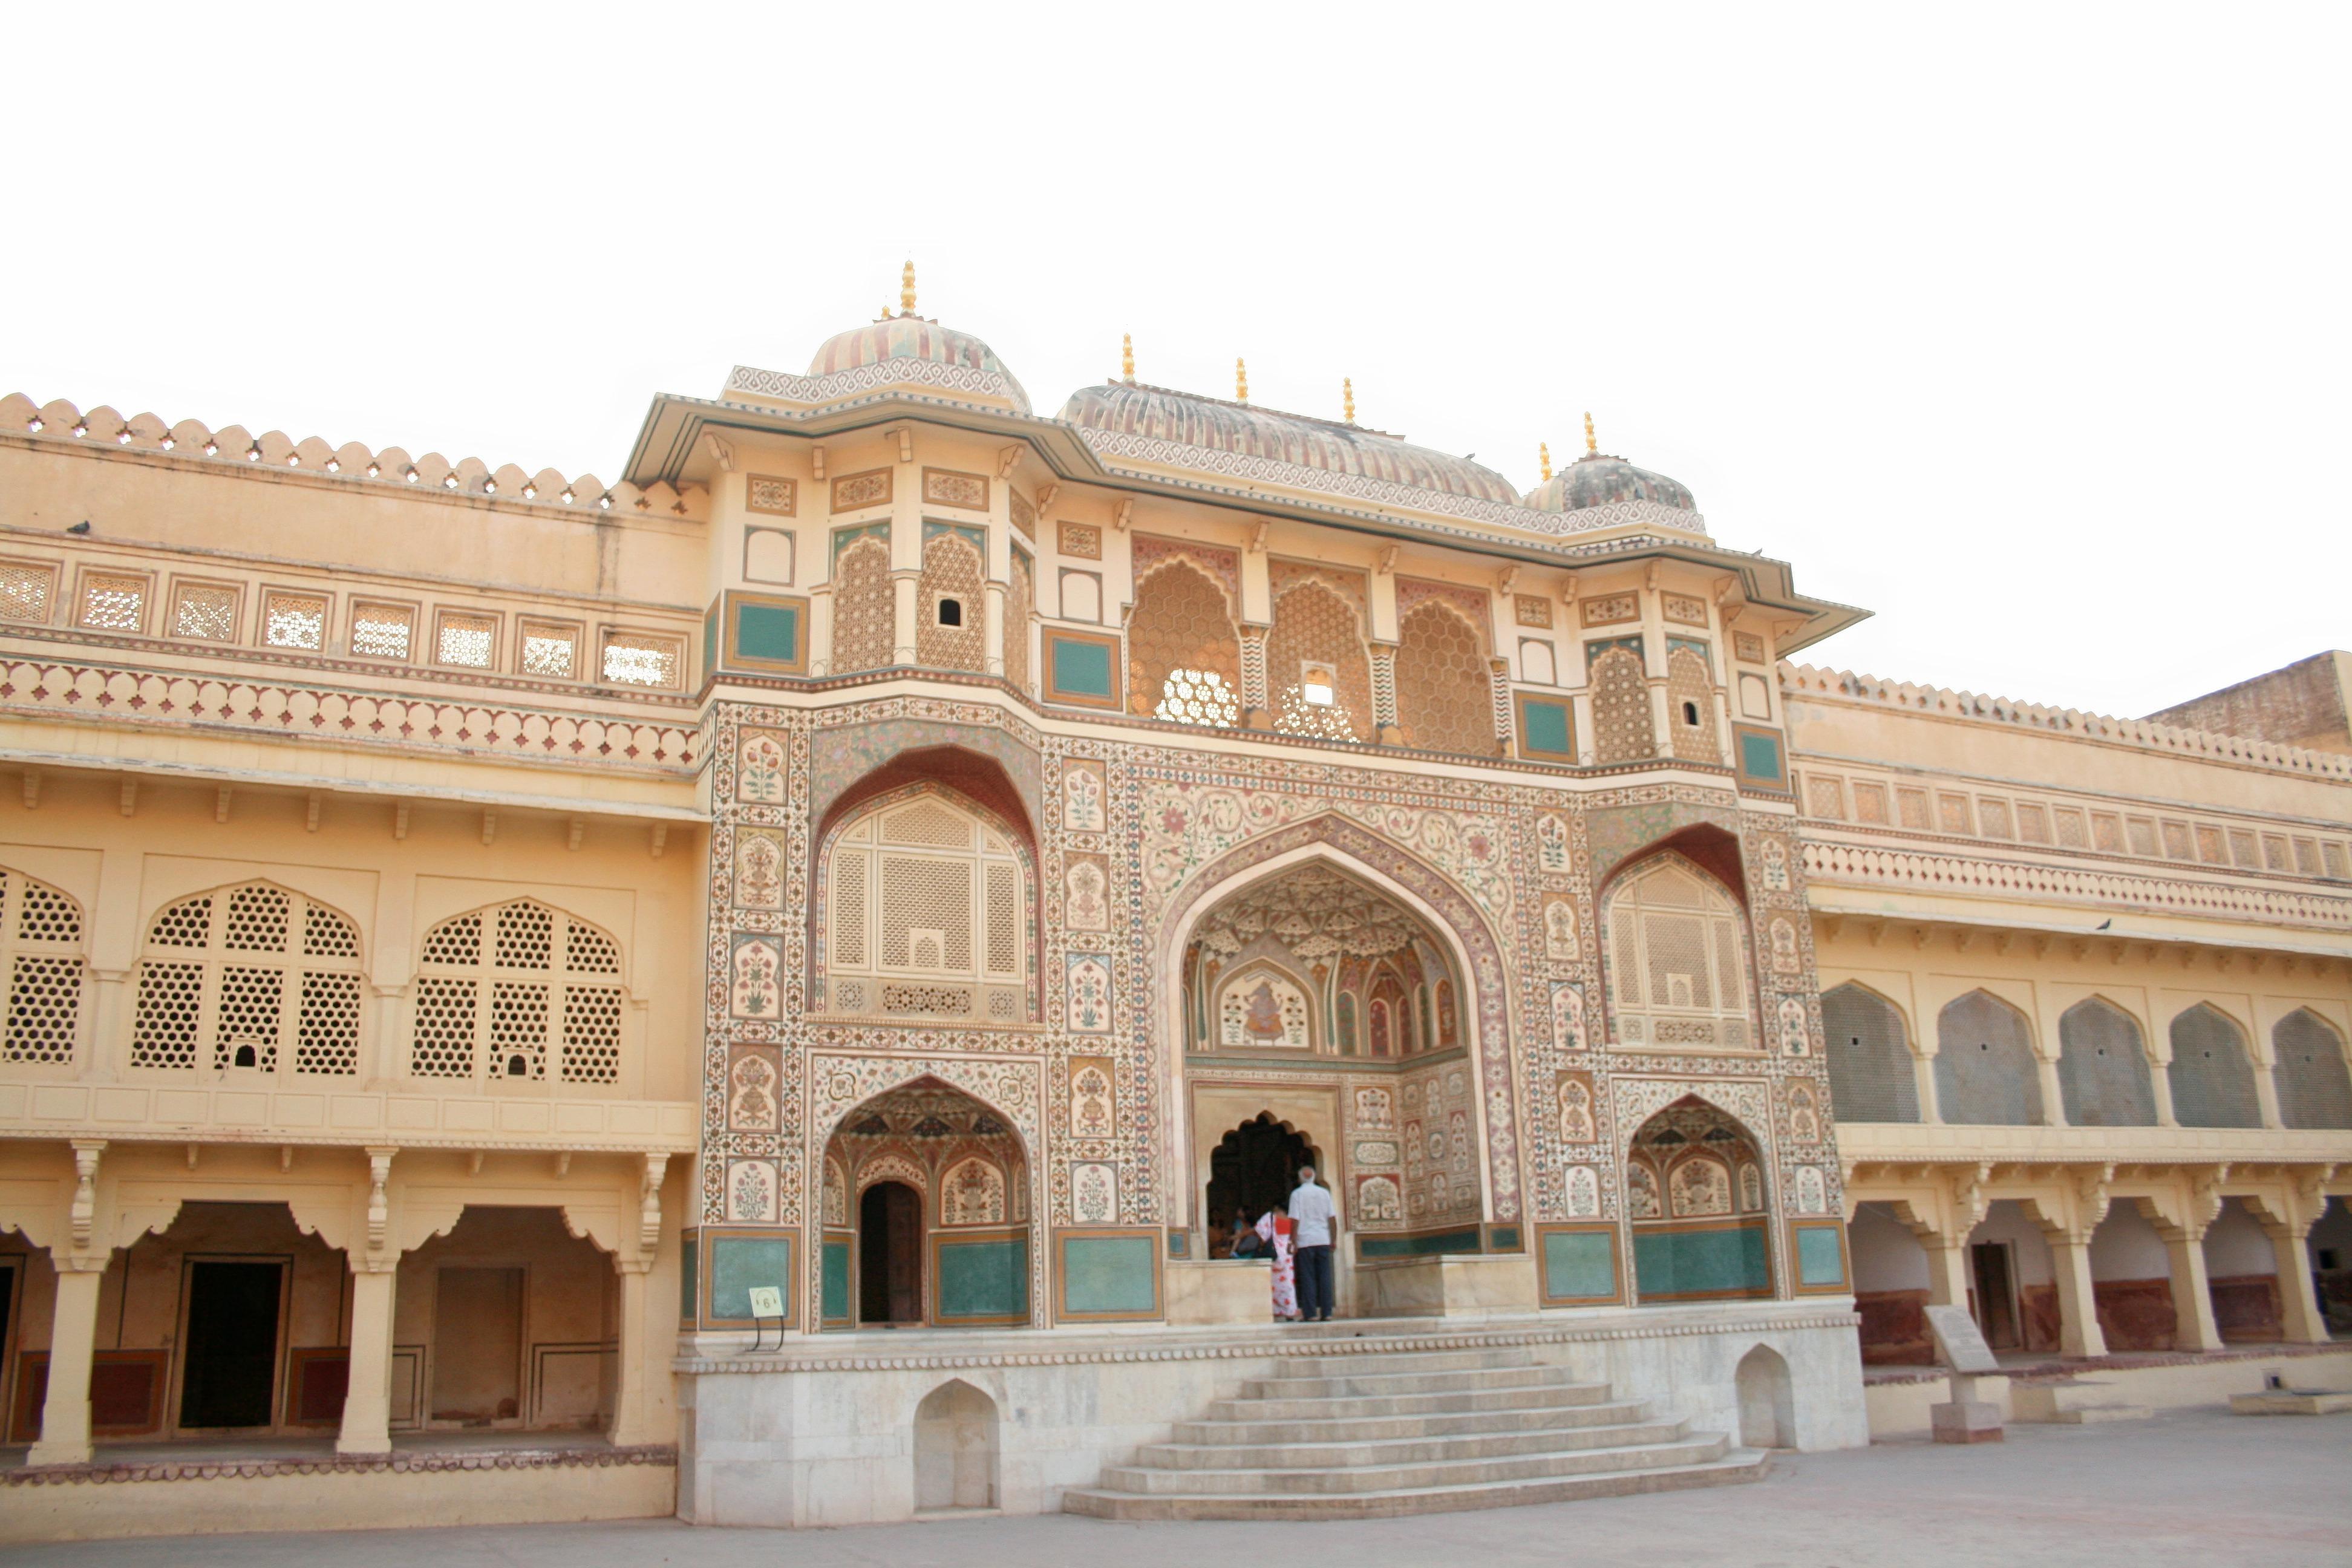 1469540854_amber_fort-jaipur-india0006.jpg